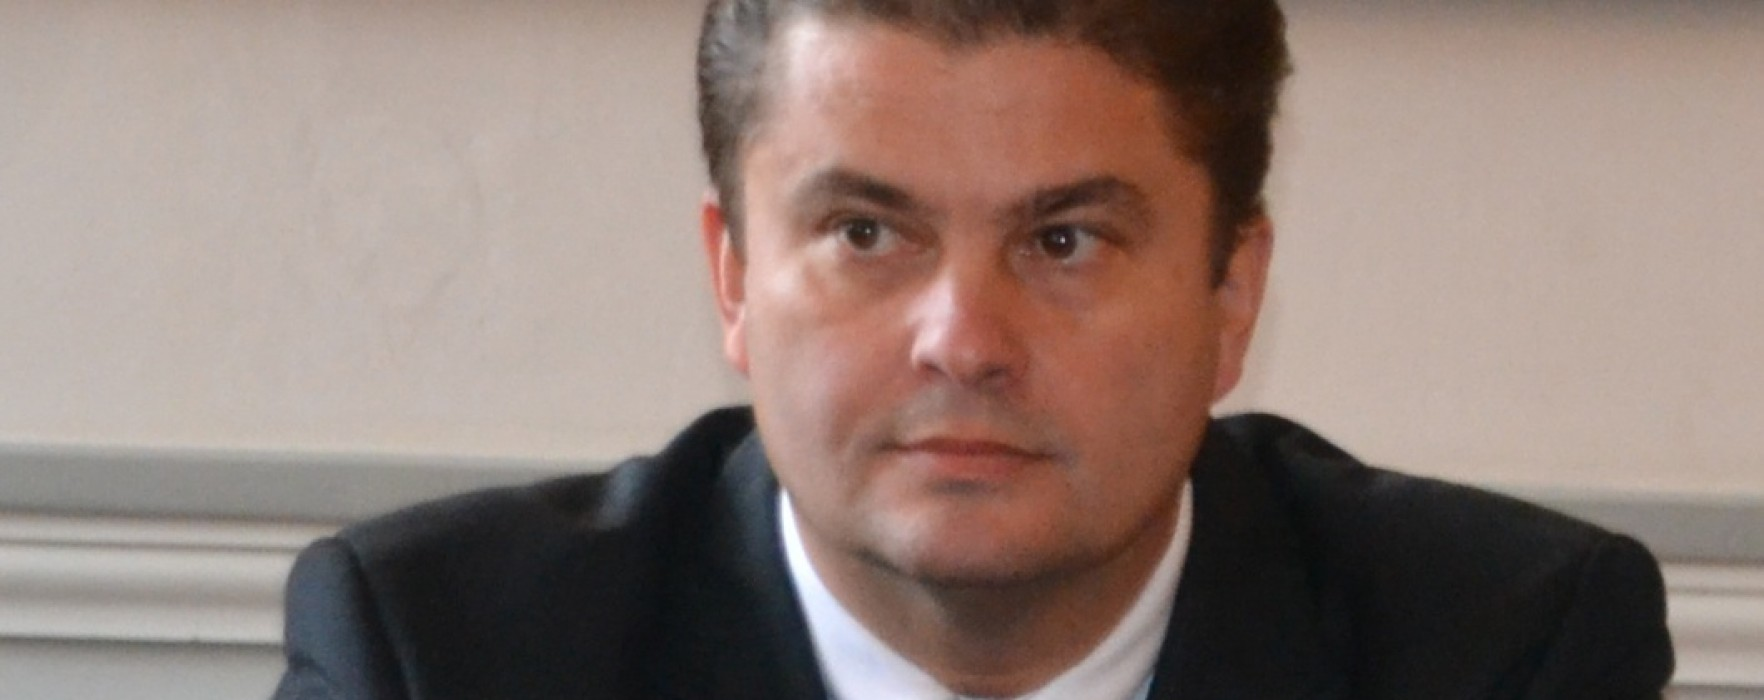 Florin Popescu: Trec printr-un moment dificil